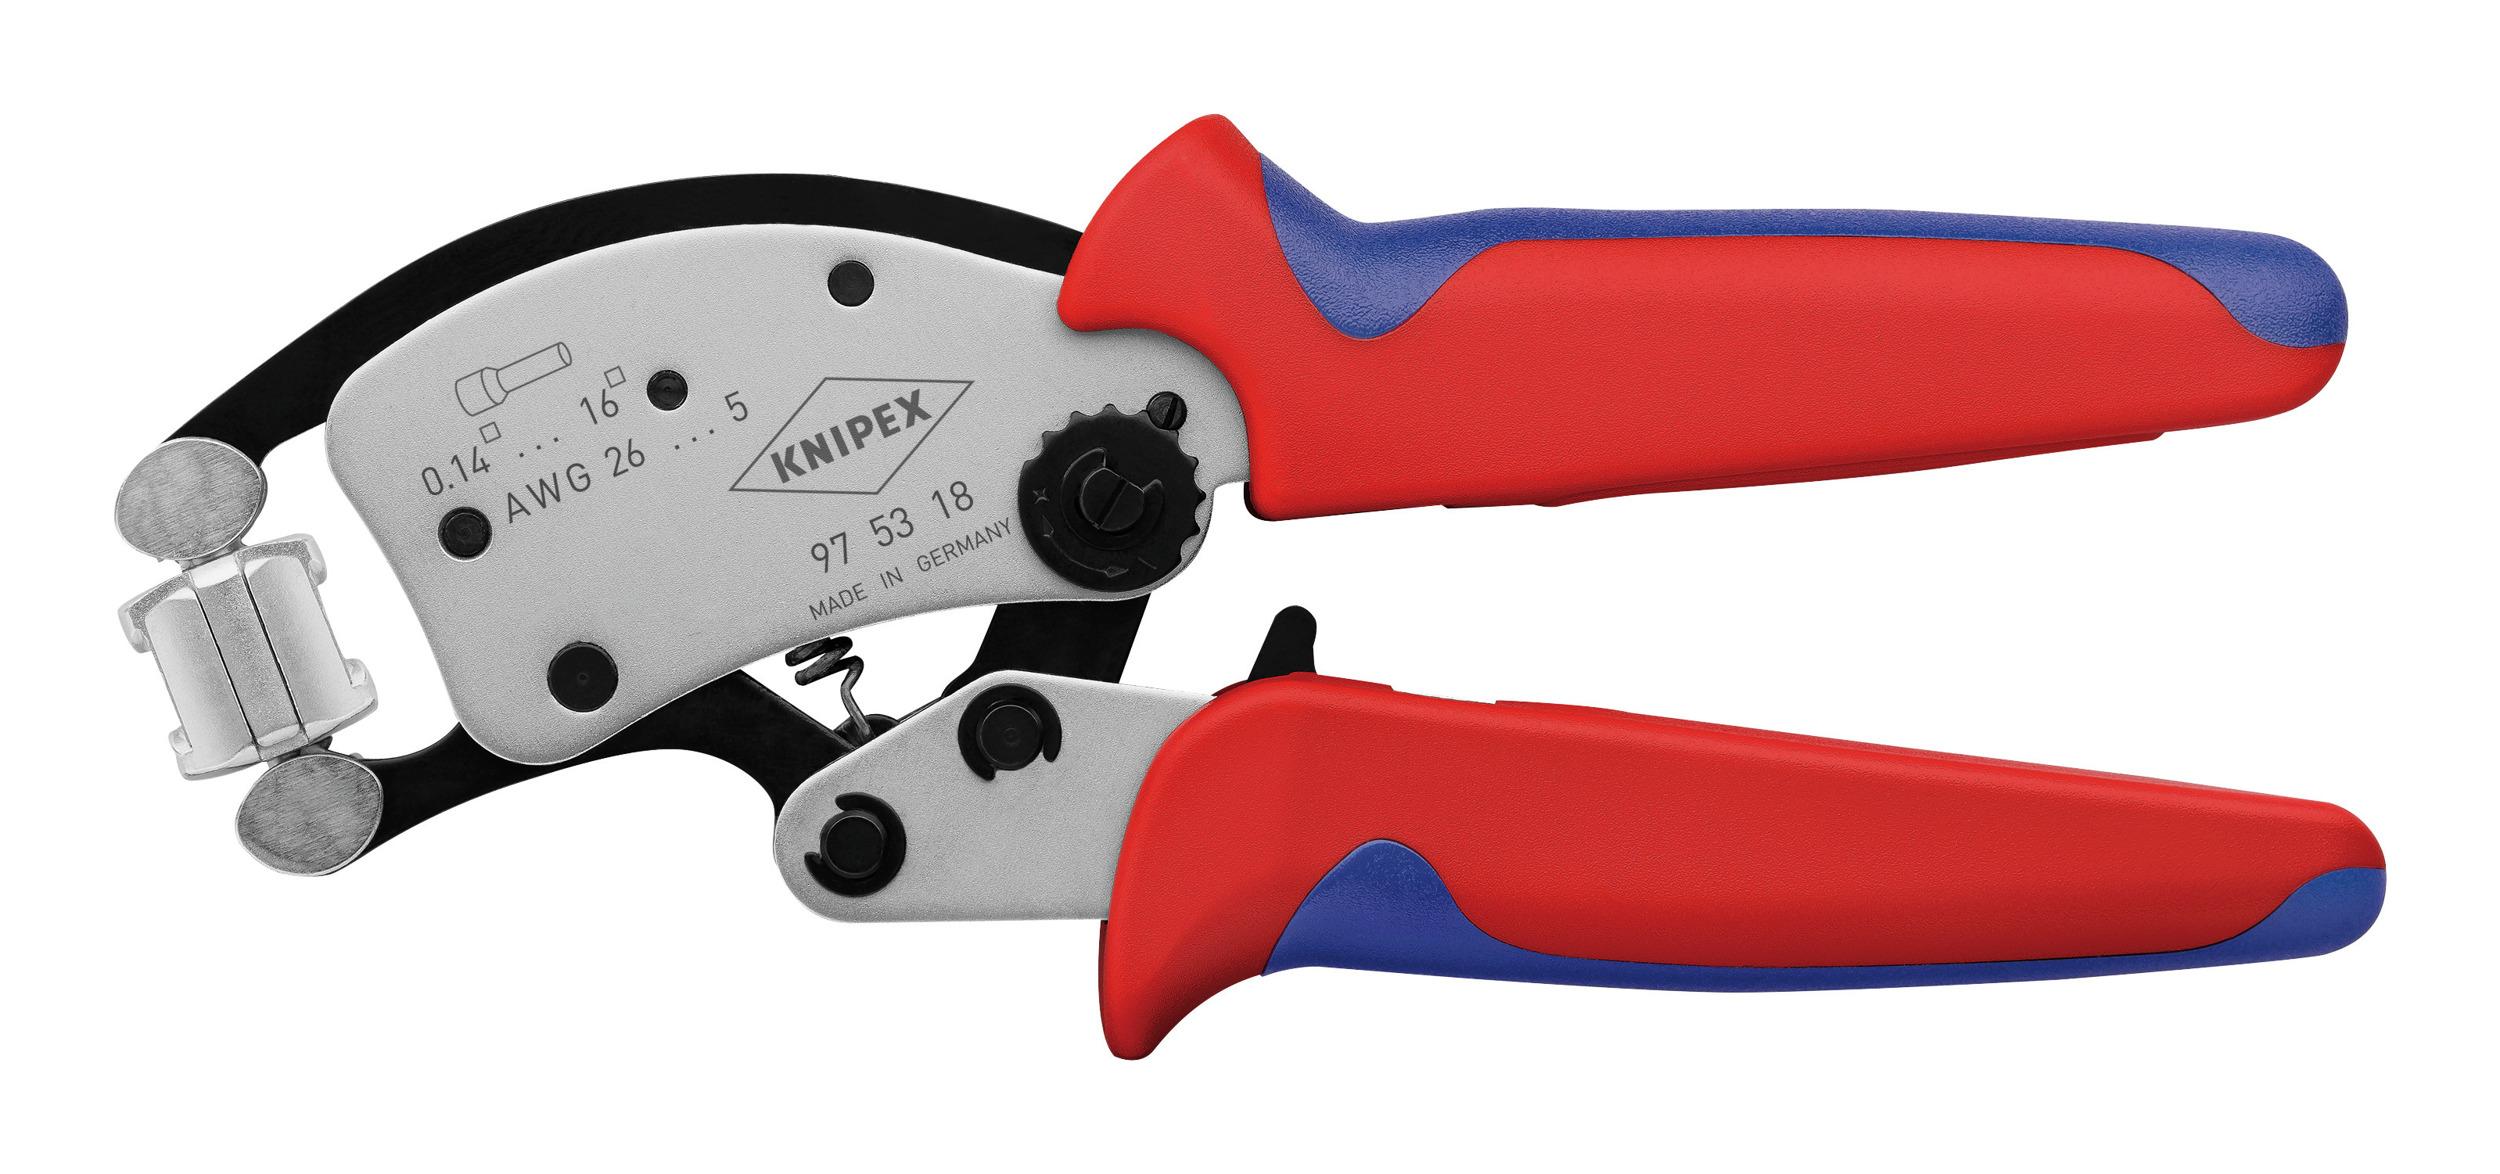 Crimpzange für Aderendhülsen 0,14-16 mm 2 Twistor - 97 53 18